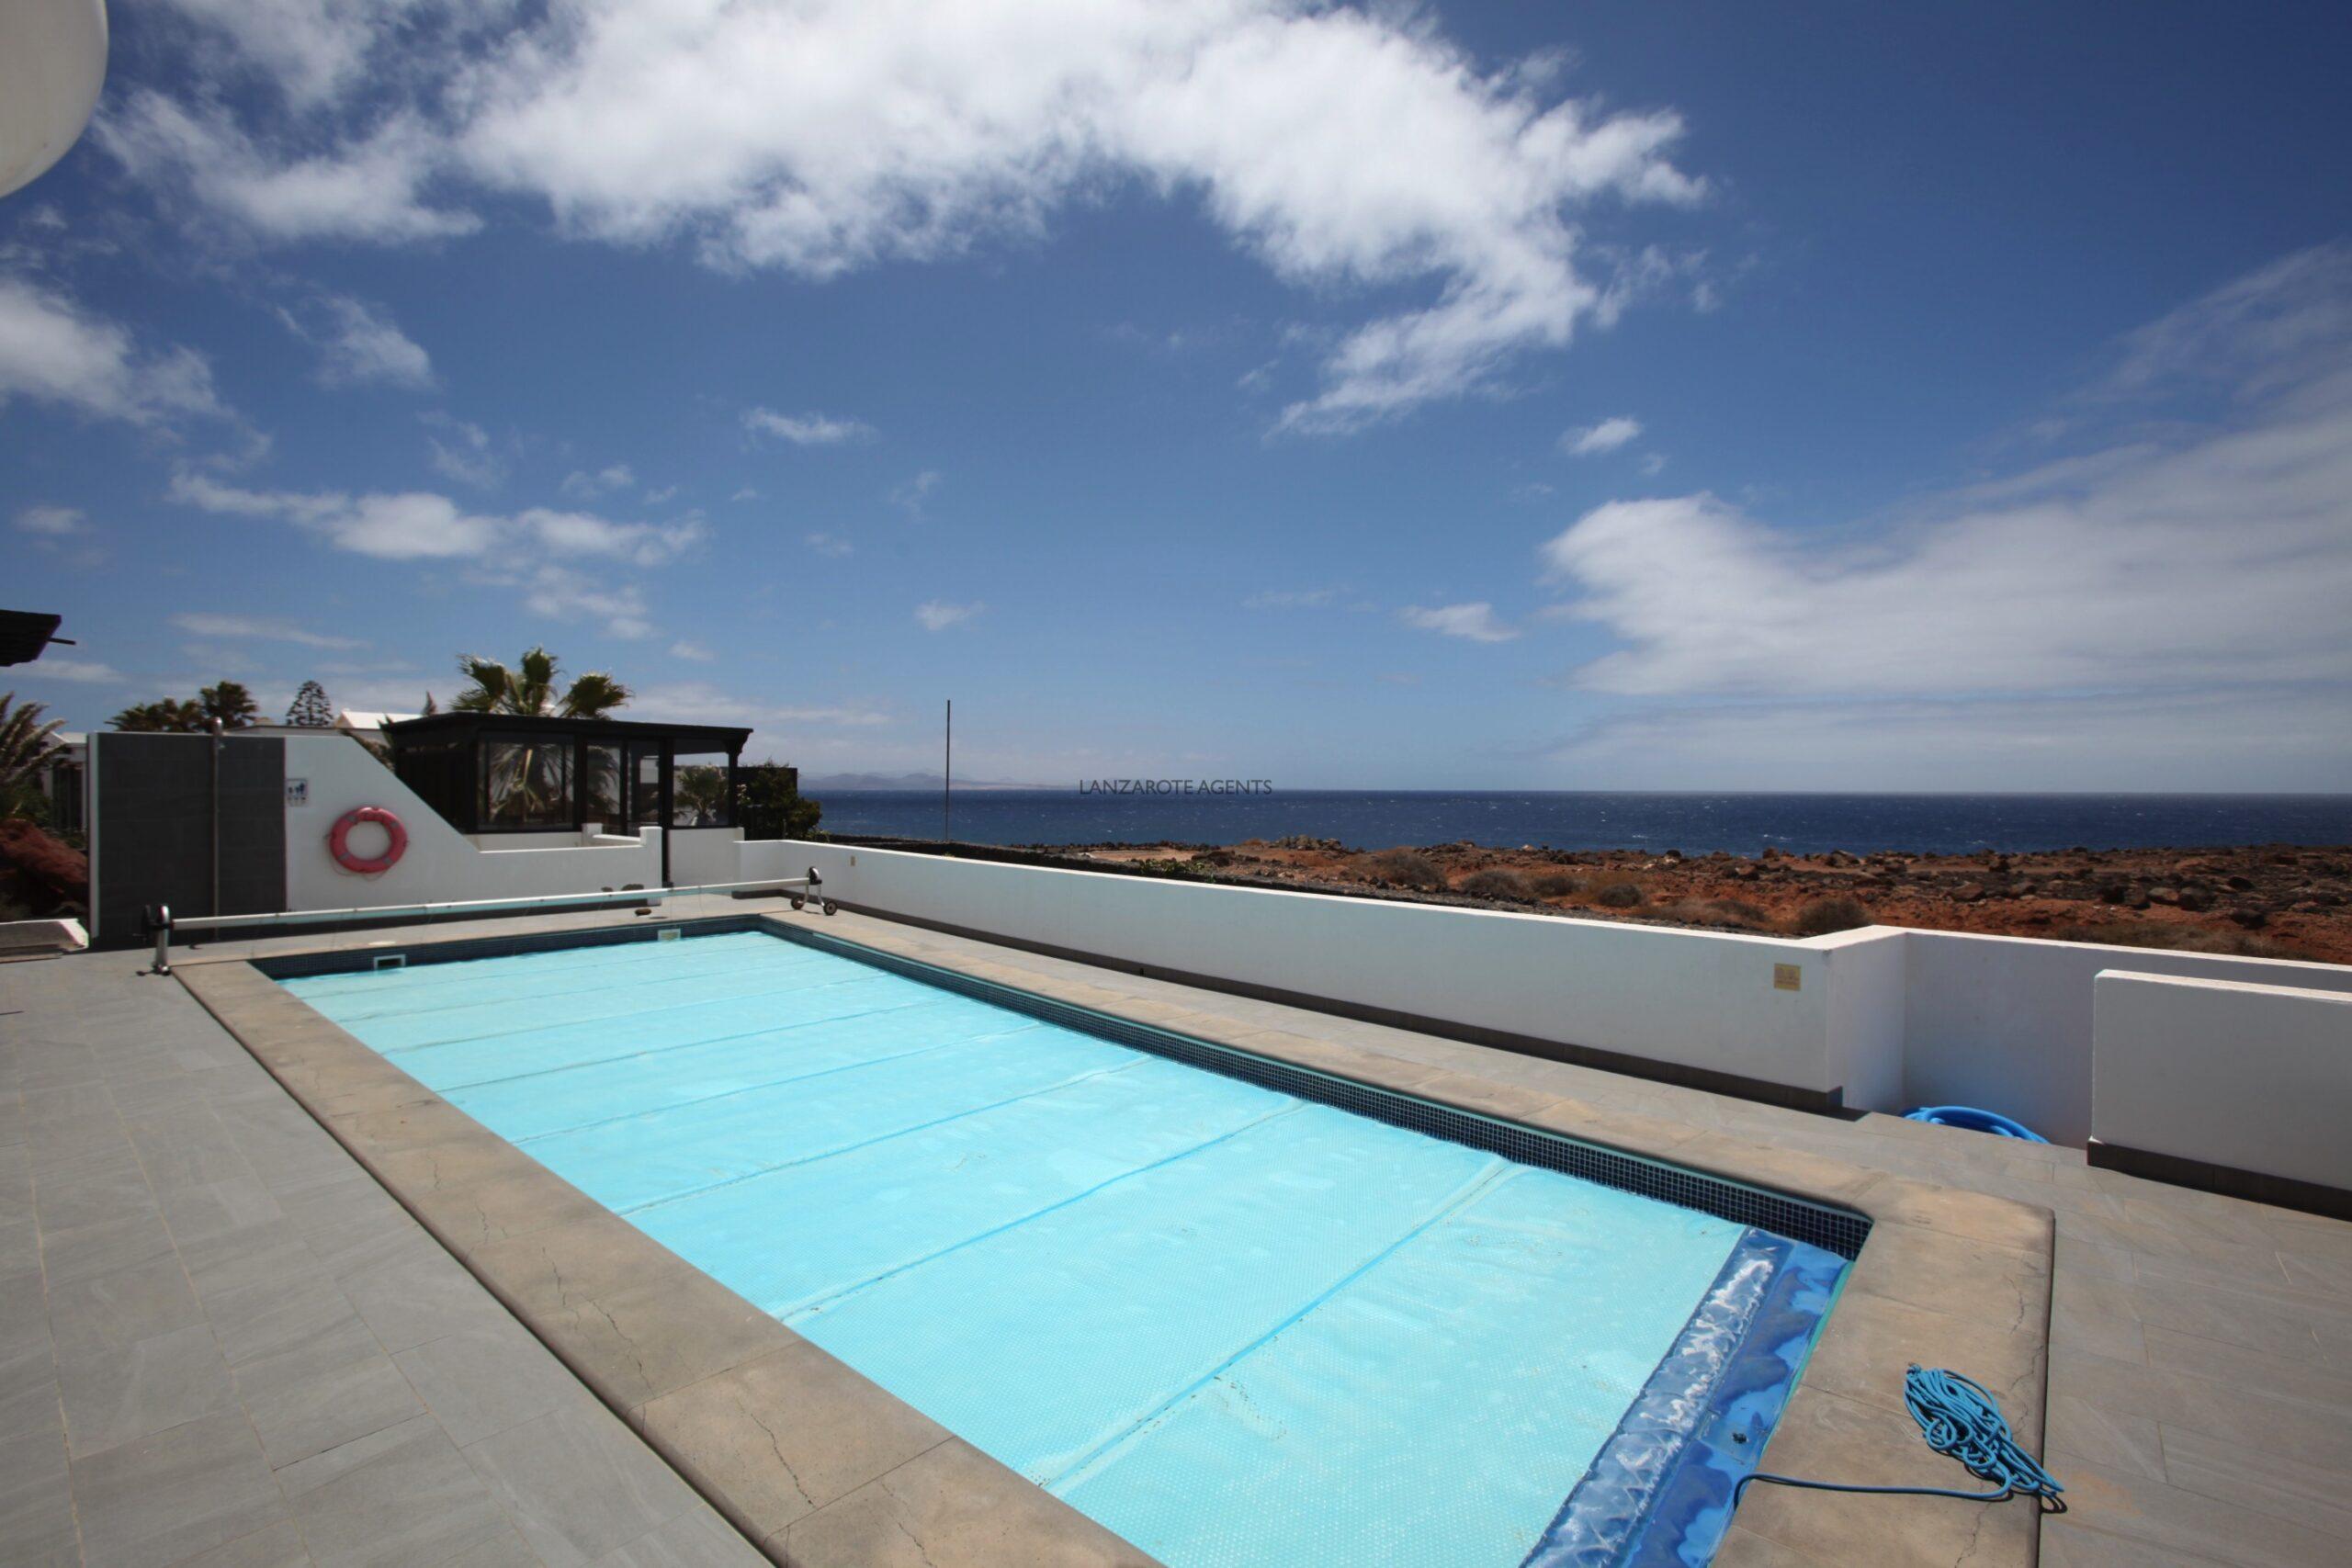 Location Location Location!!!!! FRONT LINE Detached Villa in Playa Blanca